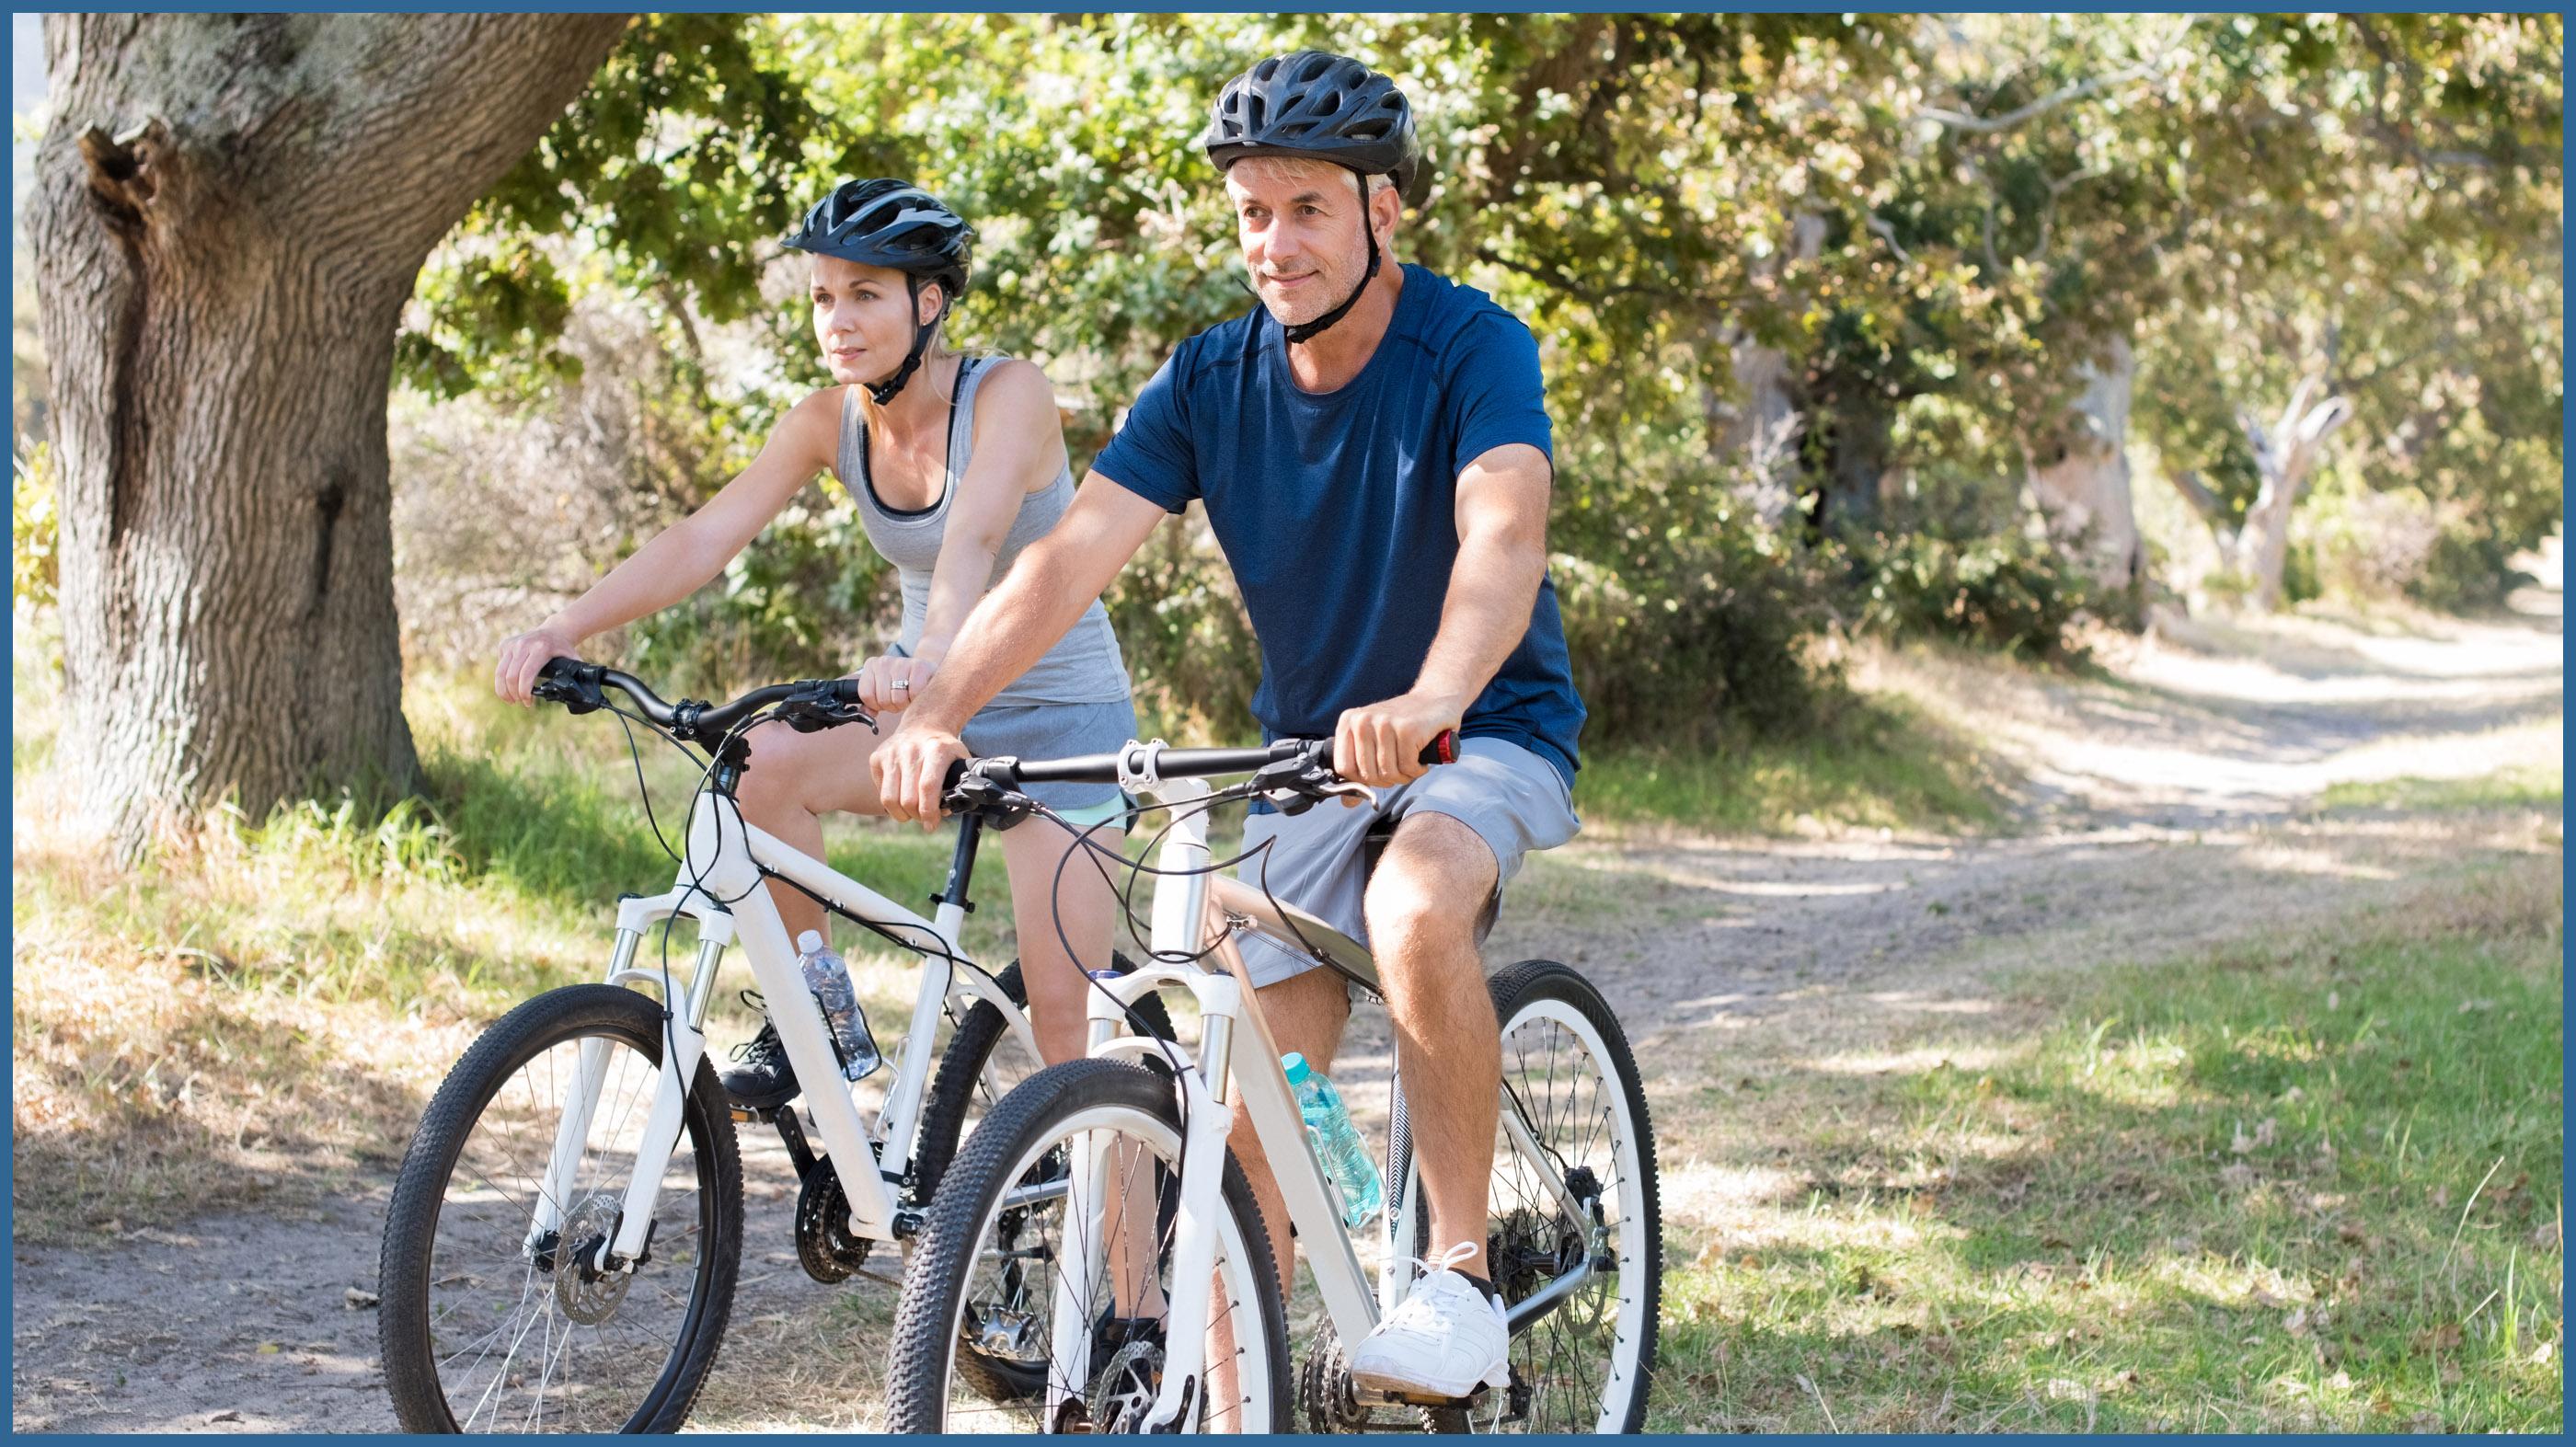 Summer Riding - Tour de France - Anderson Peak Performance blog post